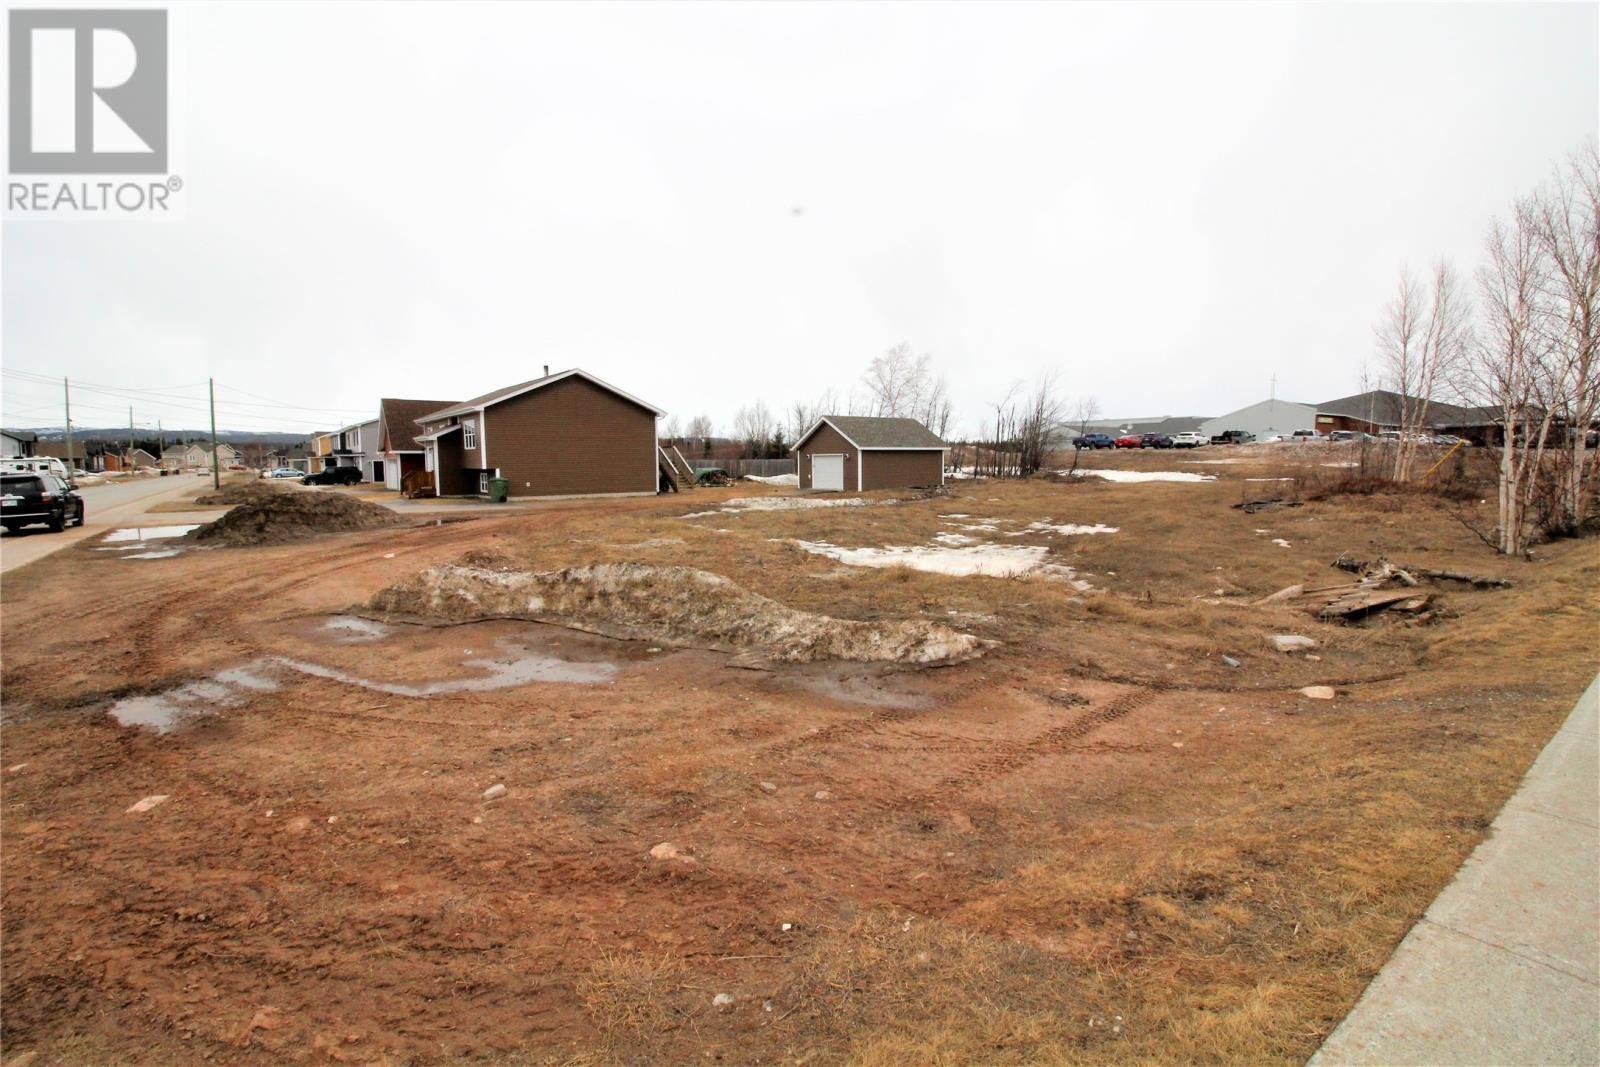 Home for sale at 1 Dr. D.d.macdonald Dr Deer Lake Newfoundland - MLS: 1193633